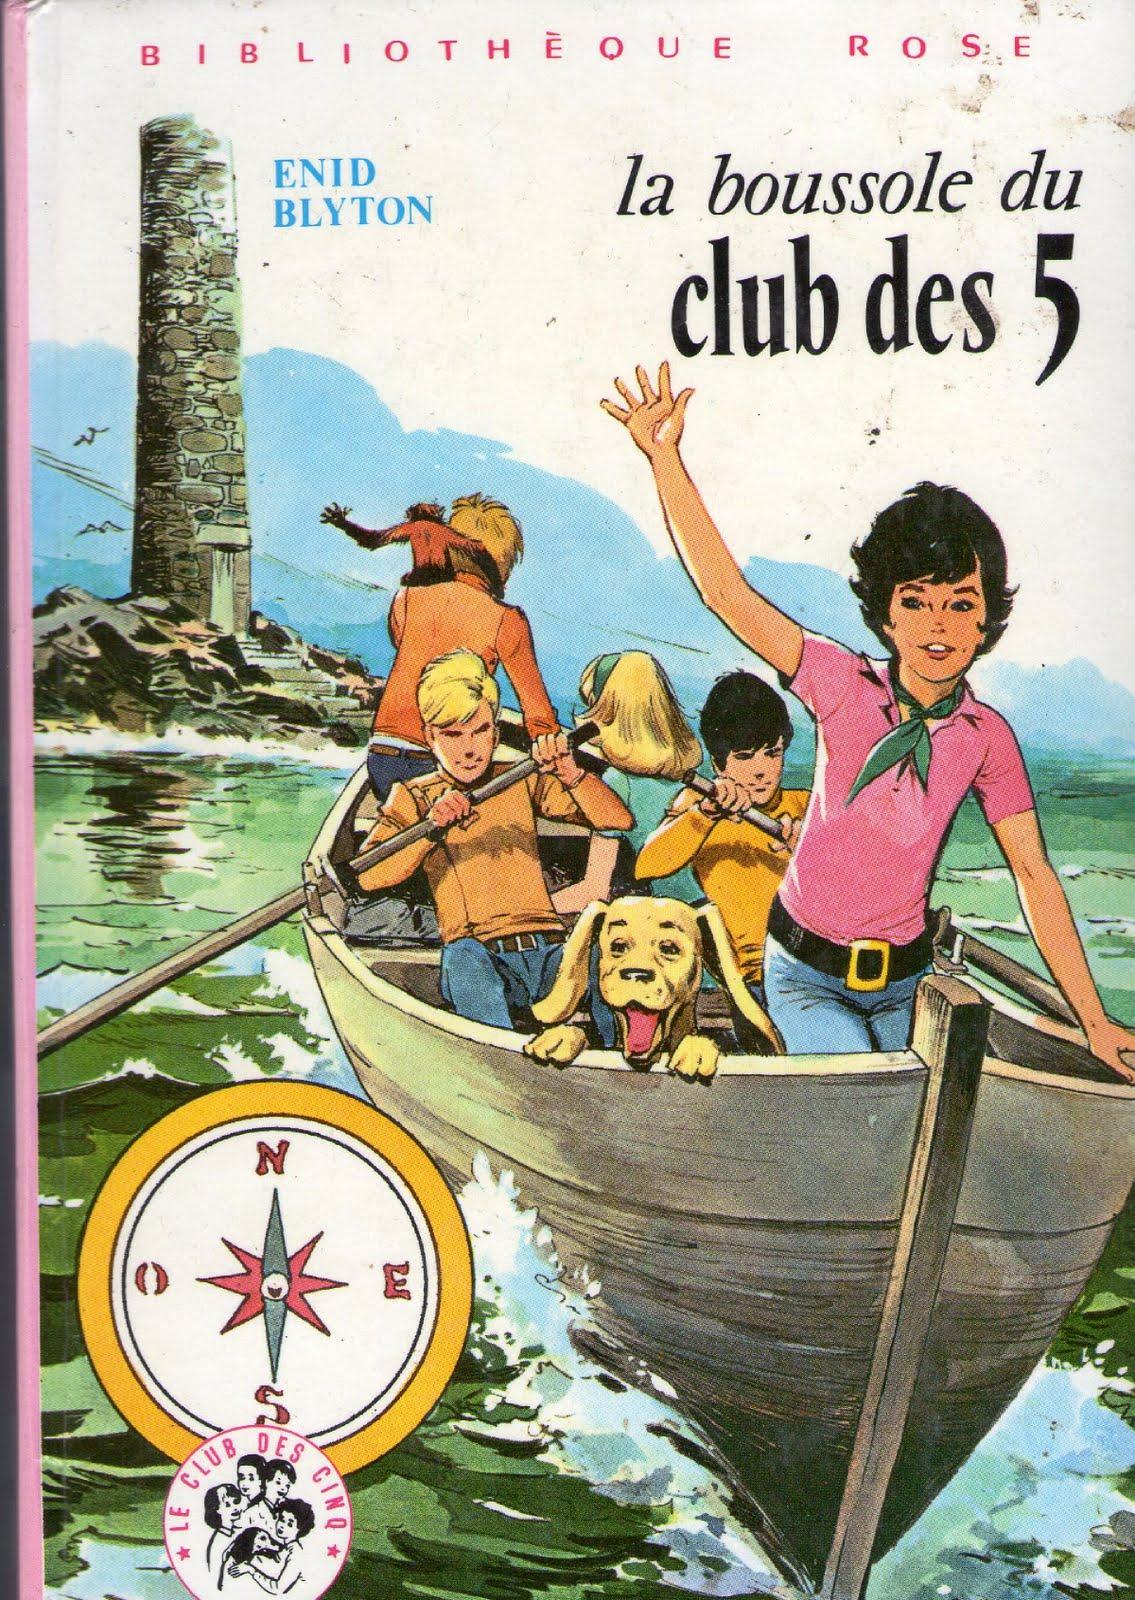 Les LIVRES de la Bibliothèque ROSE - Page 6 La%2Bboussole%2Bdu%2BClub%2Bdes%2BCinq